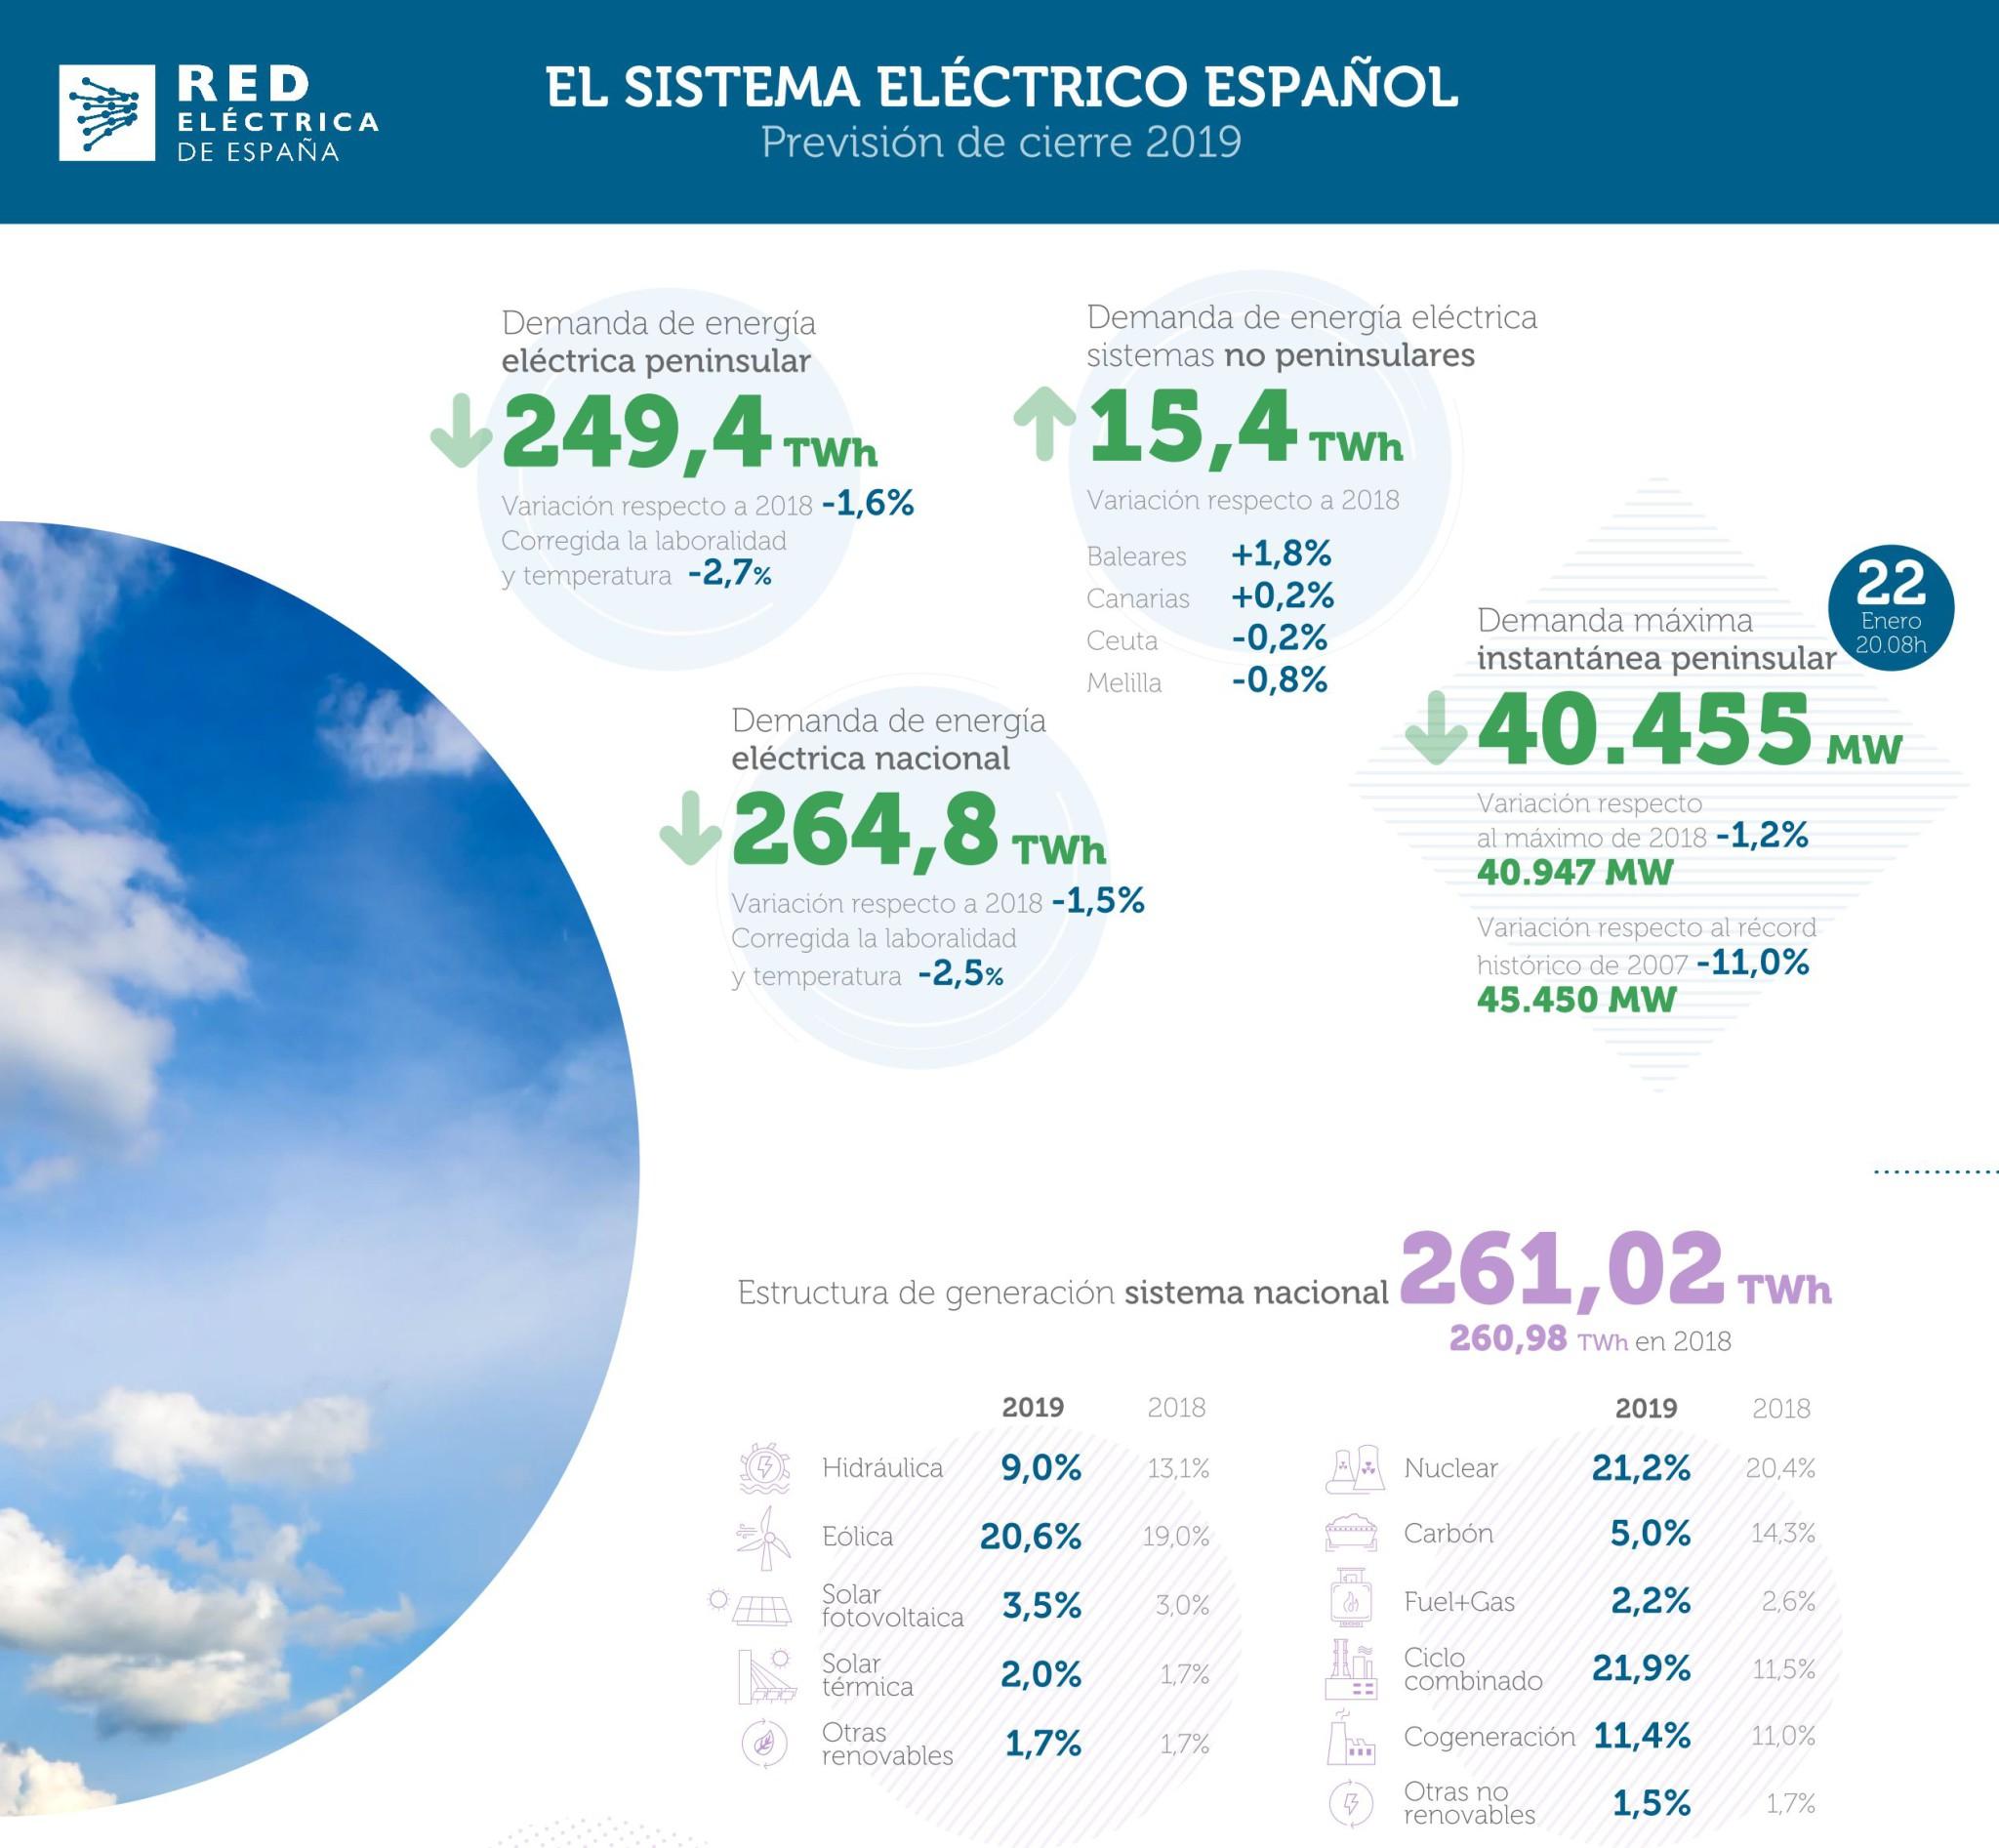 Generación eléctrica en España 2019